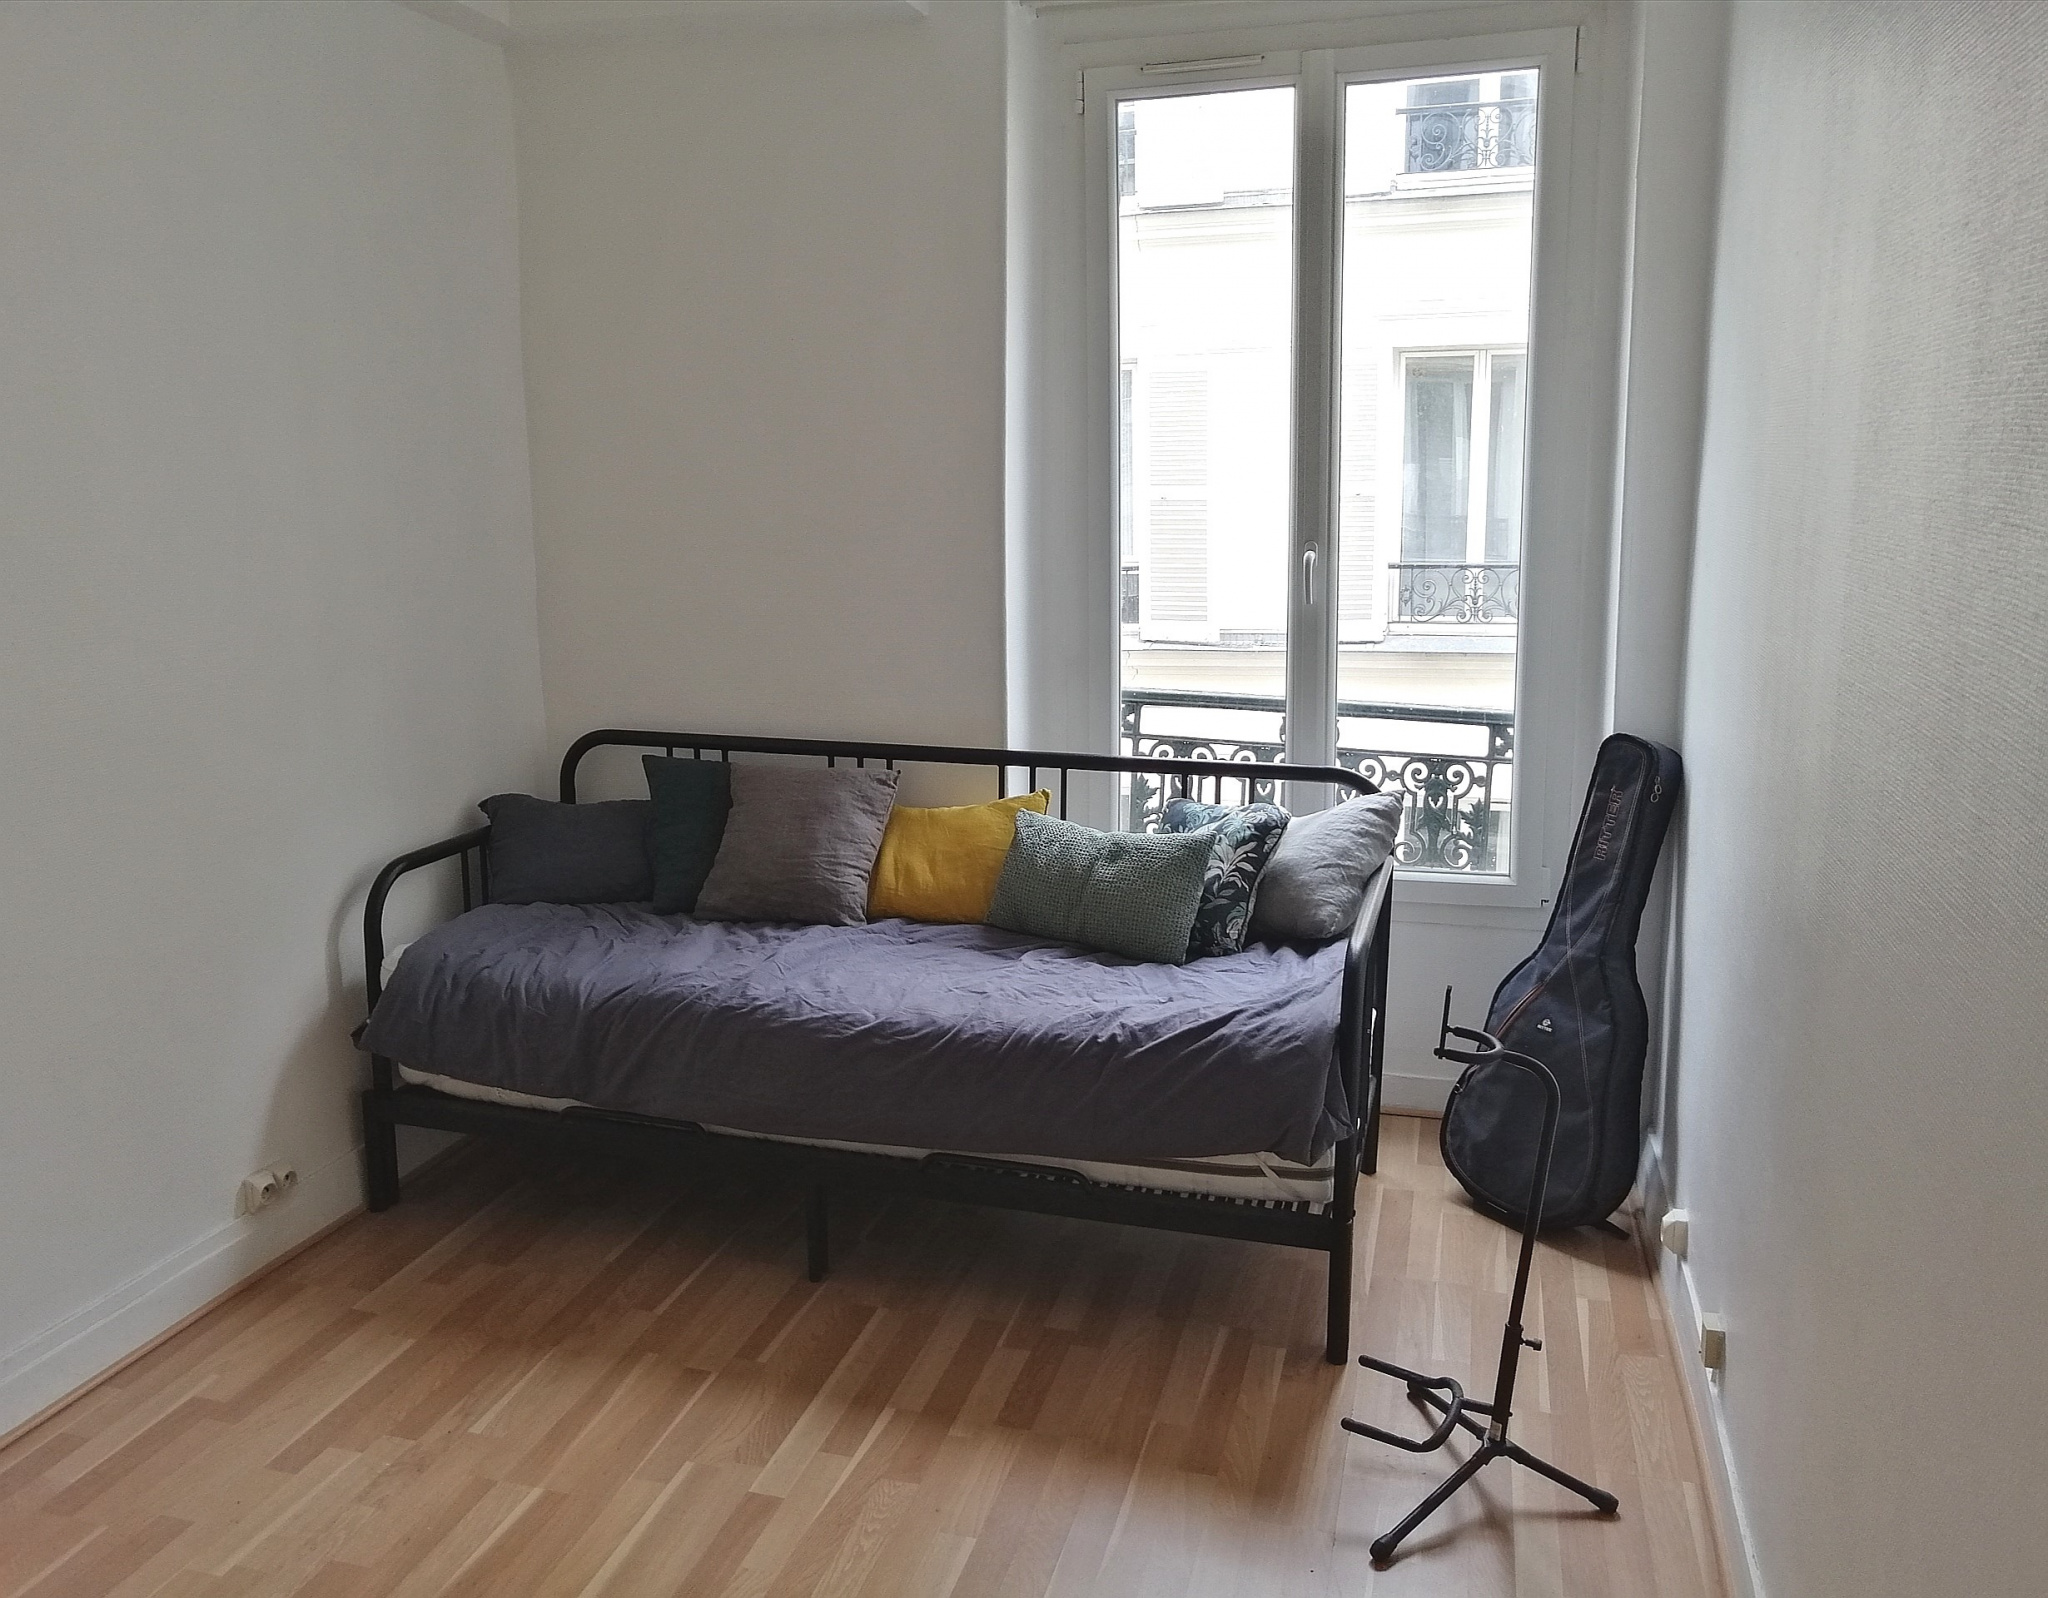 Appartement en Location à Paris / 1 pièce 18m2